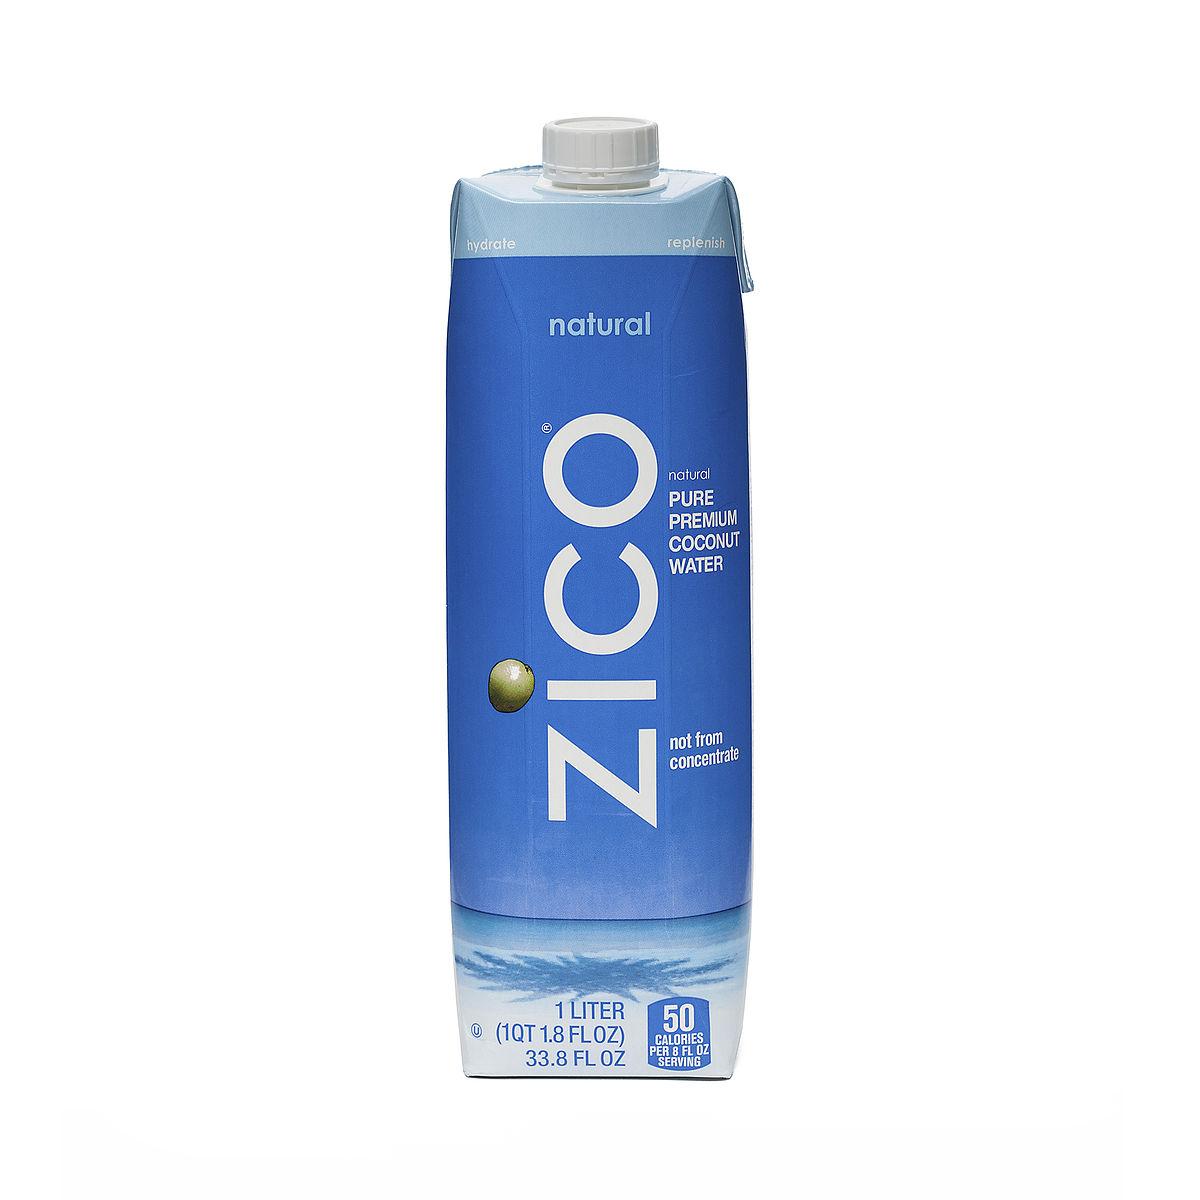 Zico Natural Coconut Water Ingredients